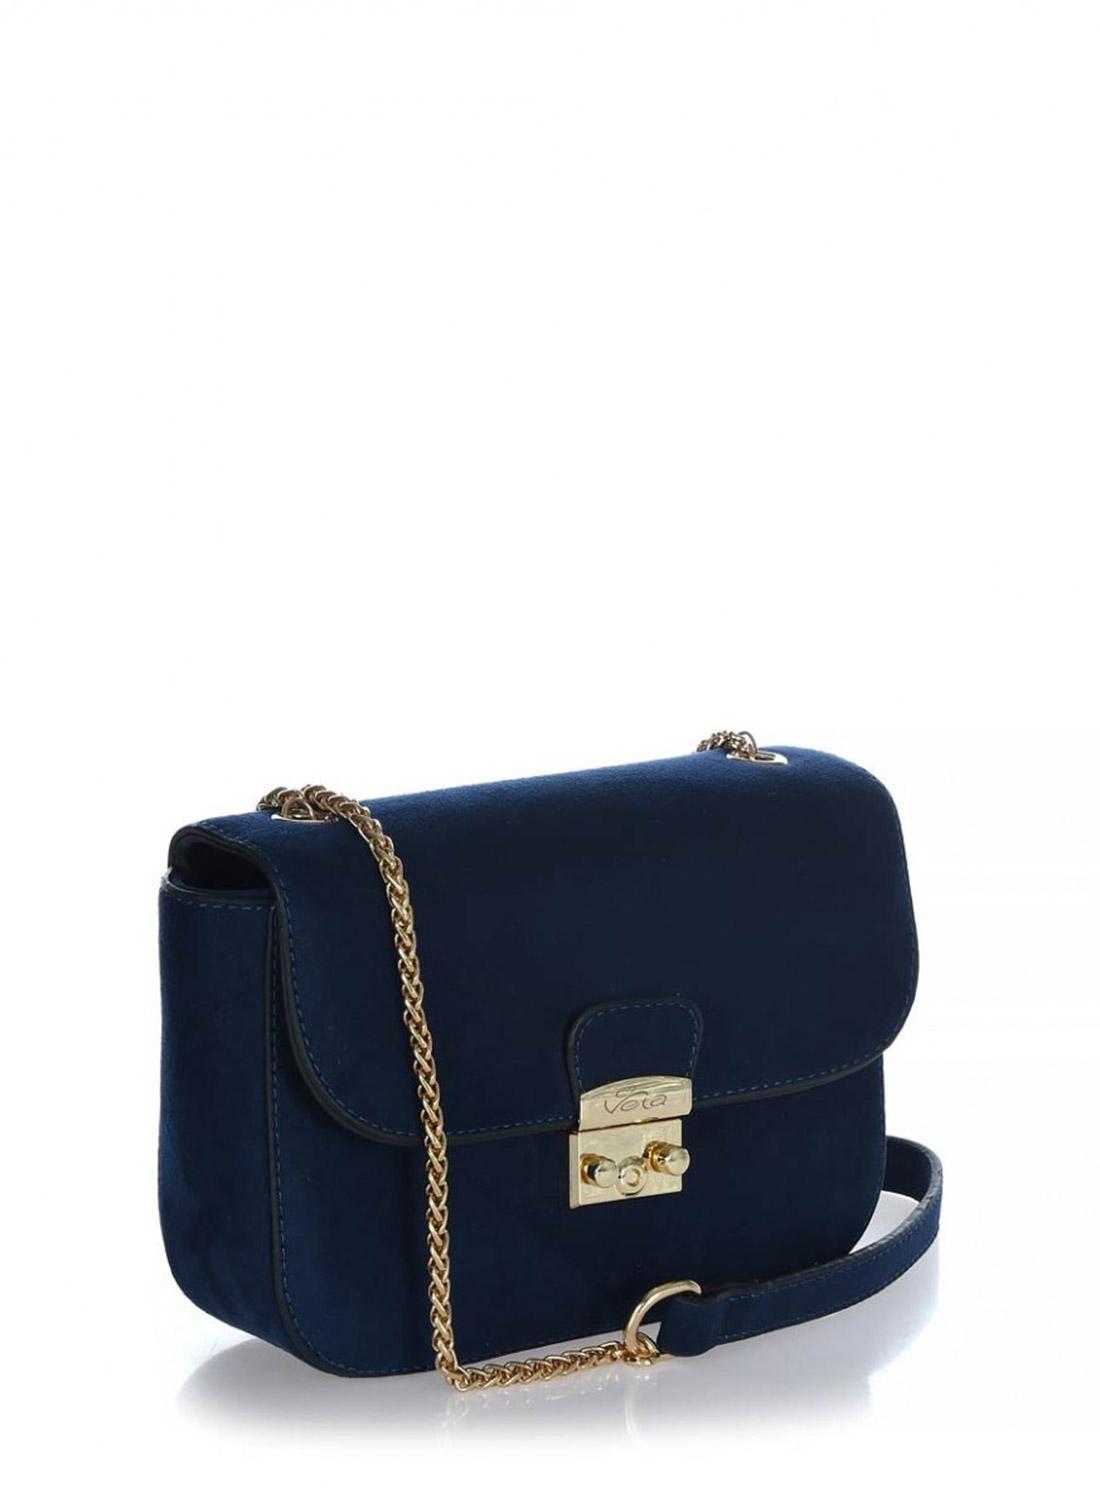 Τσάντα χιαστή μπλε σουέτ